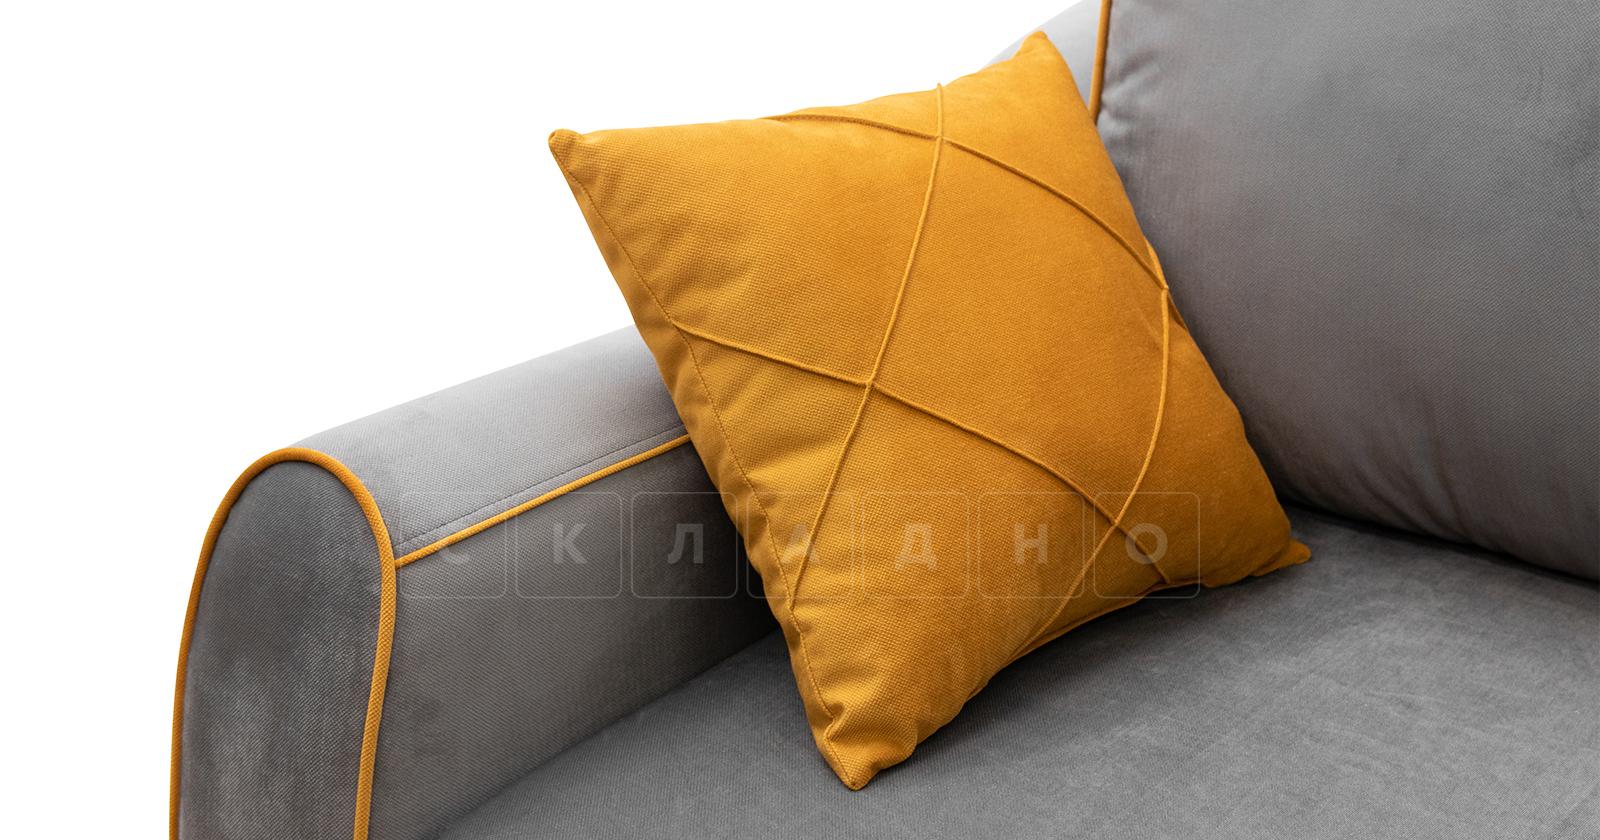 Диван-кровать угловой Флэтфорд кварцевый серый фото 14   интернет-магазин Складно